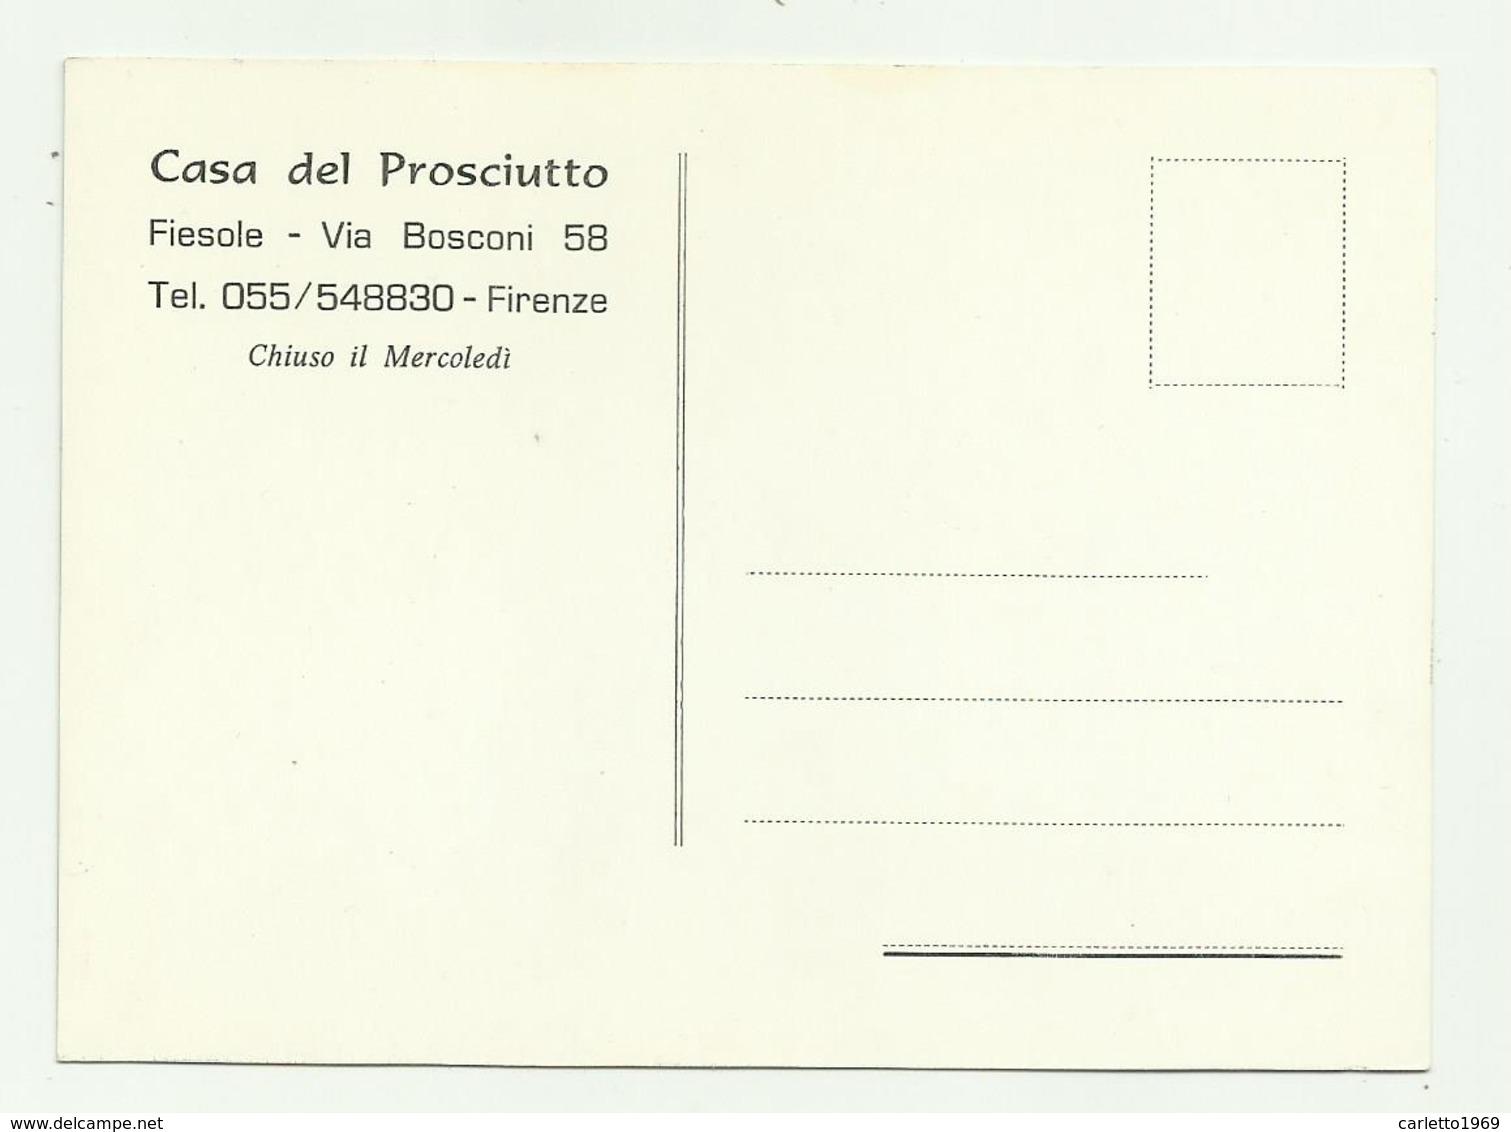 CASA DEL PROSCIUTTO - FIESOLE VIA BOSCONI ILLUSTRAZIONE FIRMATA - NV FG - FORMATO CM.13X9,5 - Firenze